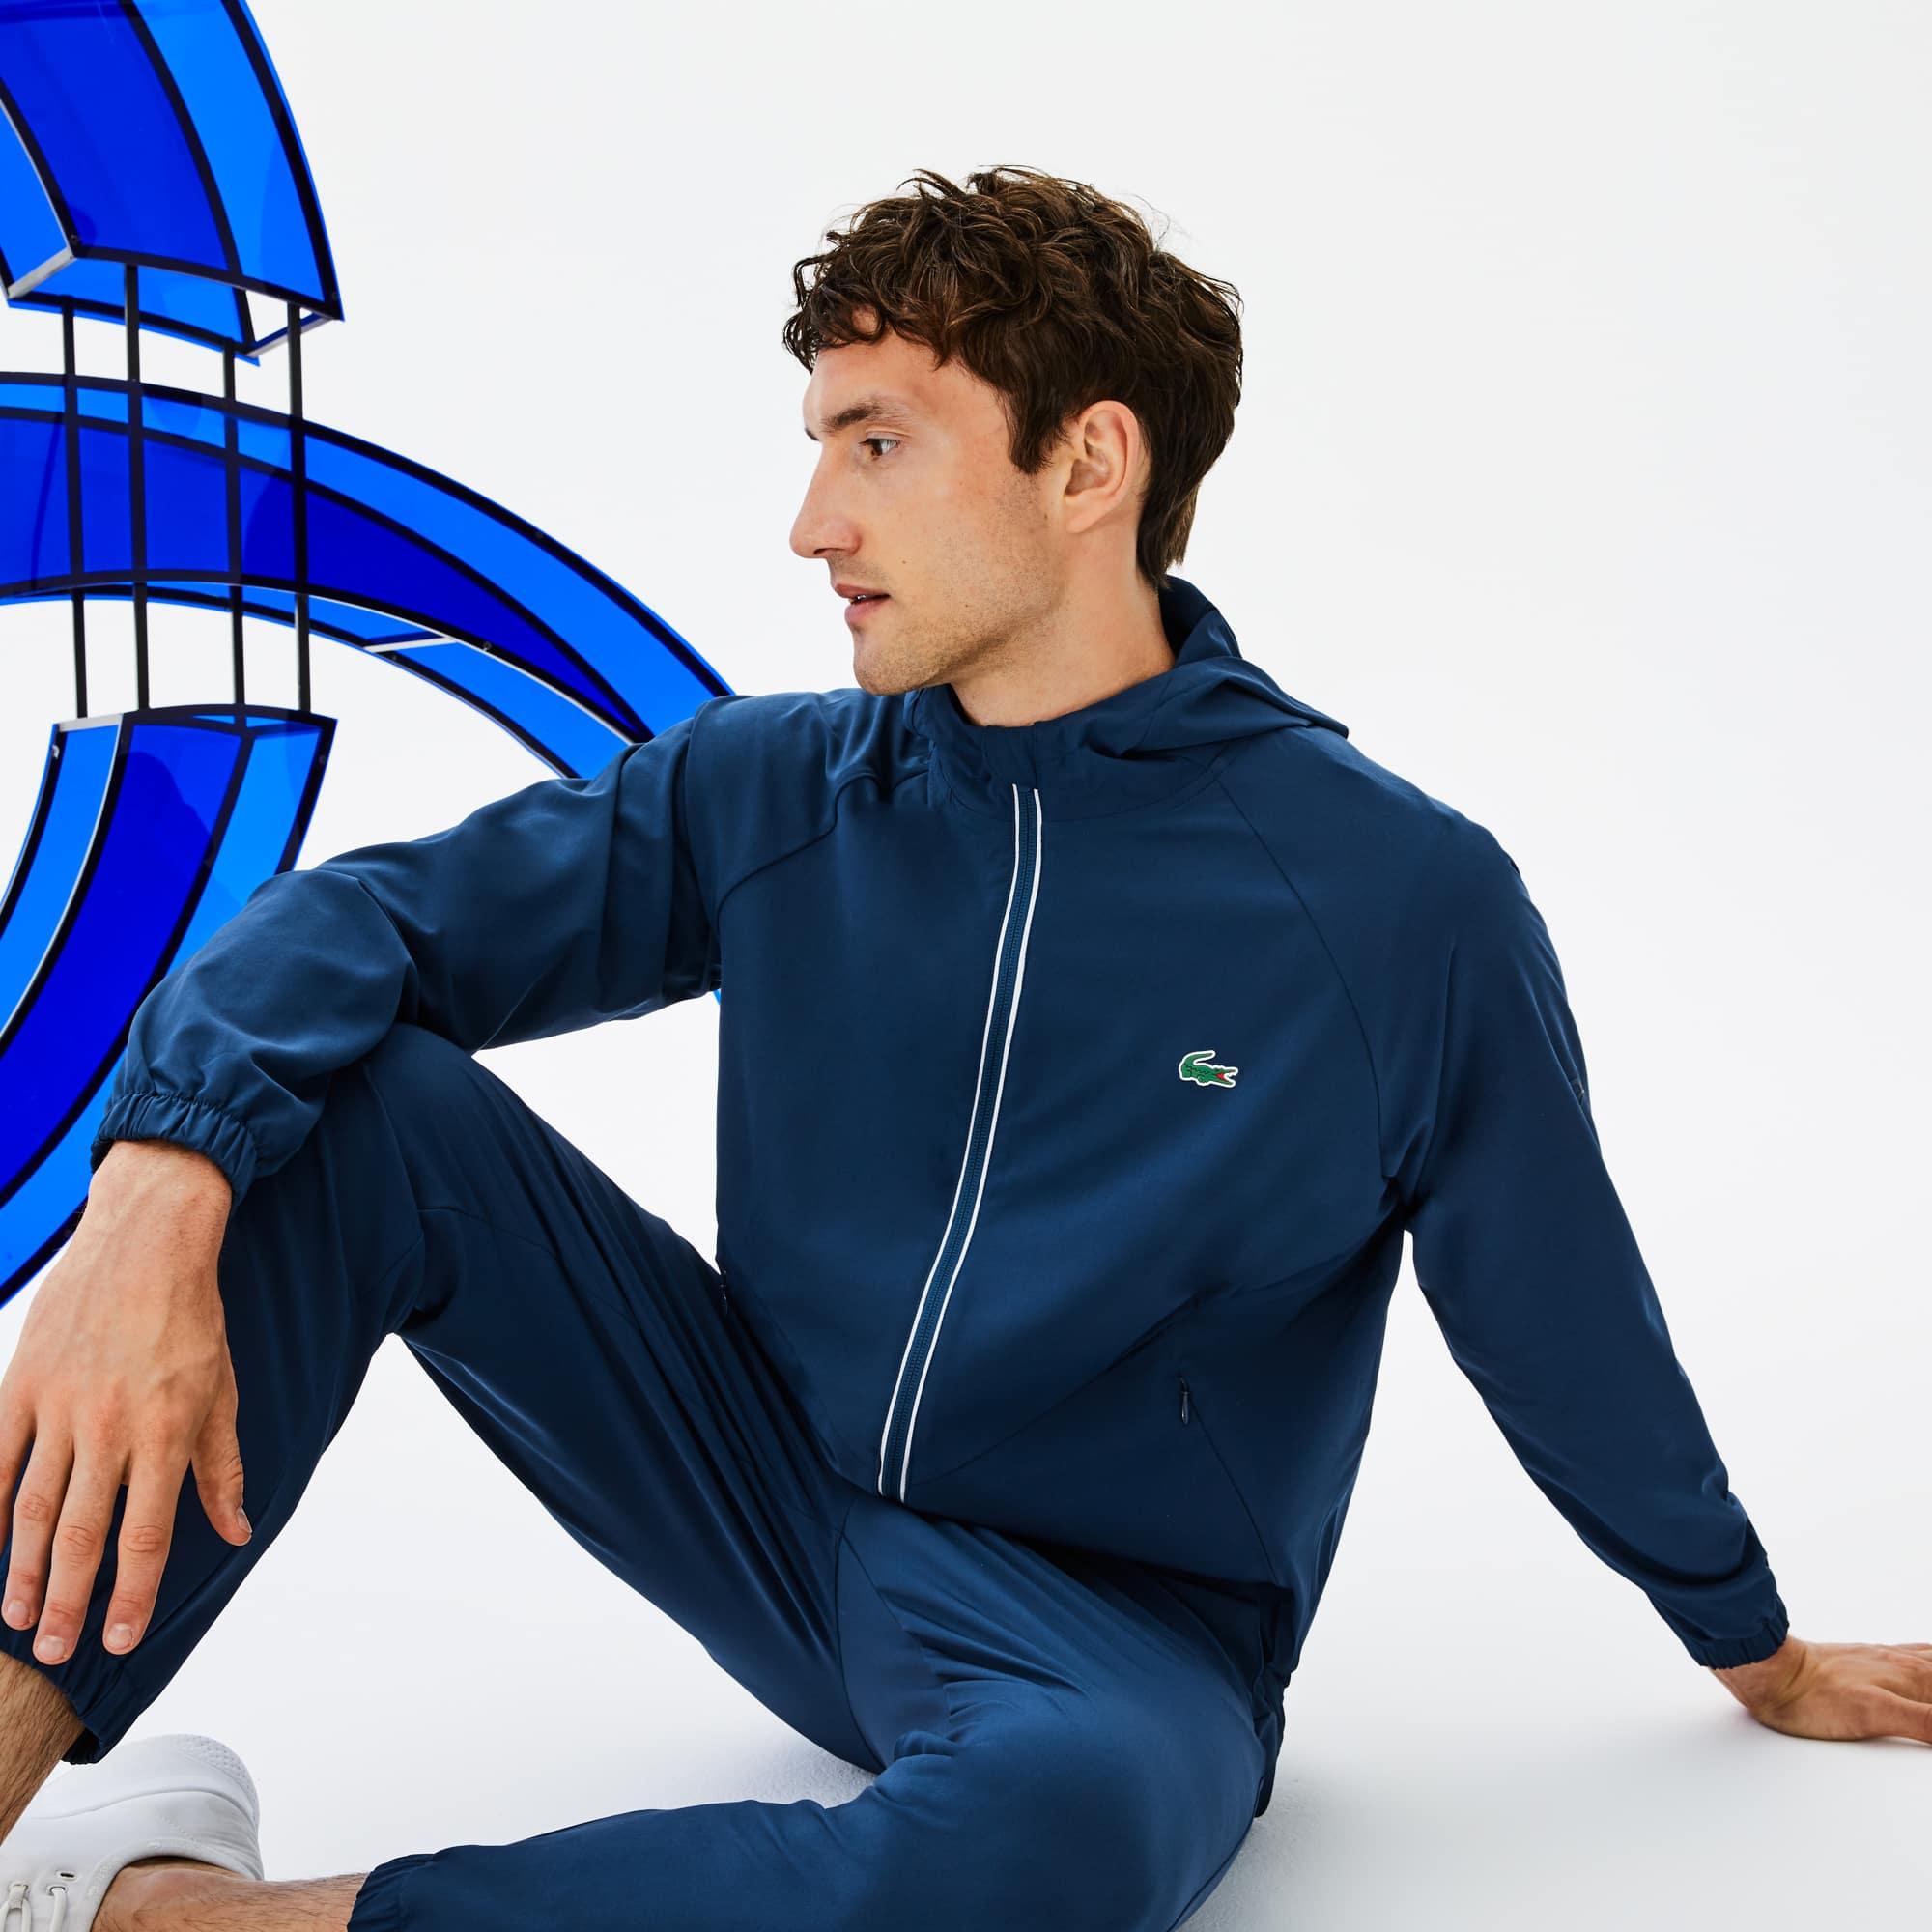 Giacca con cappuccio Lacoste SPORT Collezione Novak Djokovic - Off Court Premium in midlayer tecnico stretch